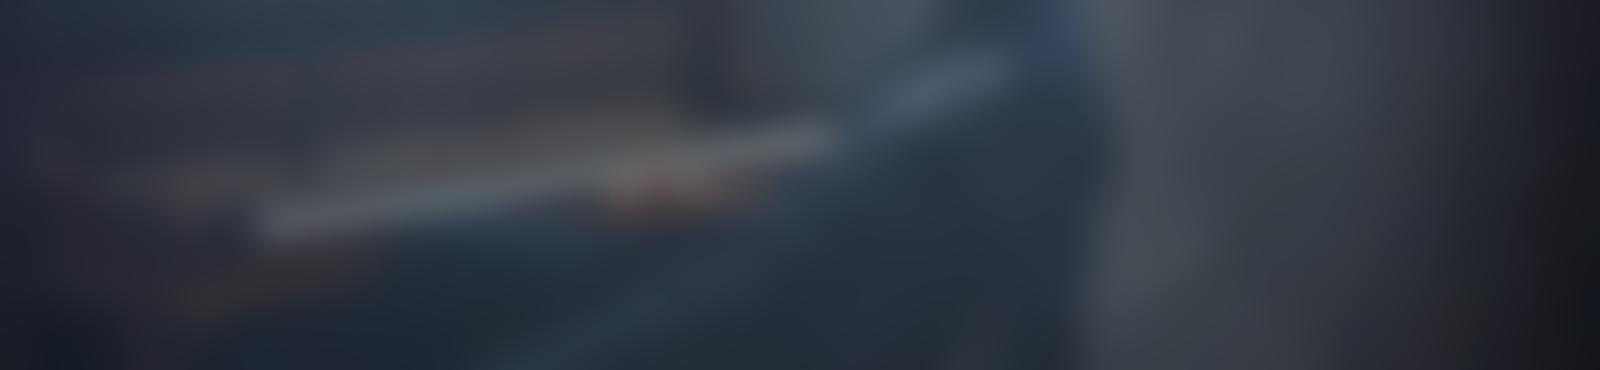 Blurred a770c348 66d6 43a3 a0a9 28619d1ce1a2